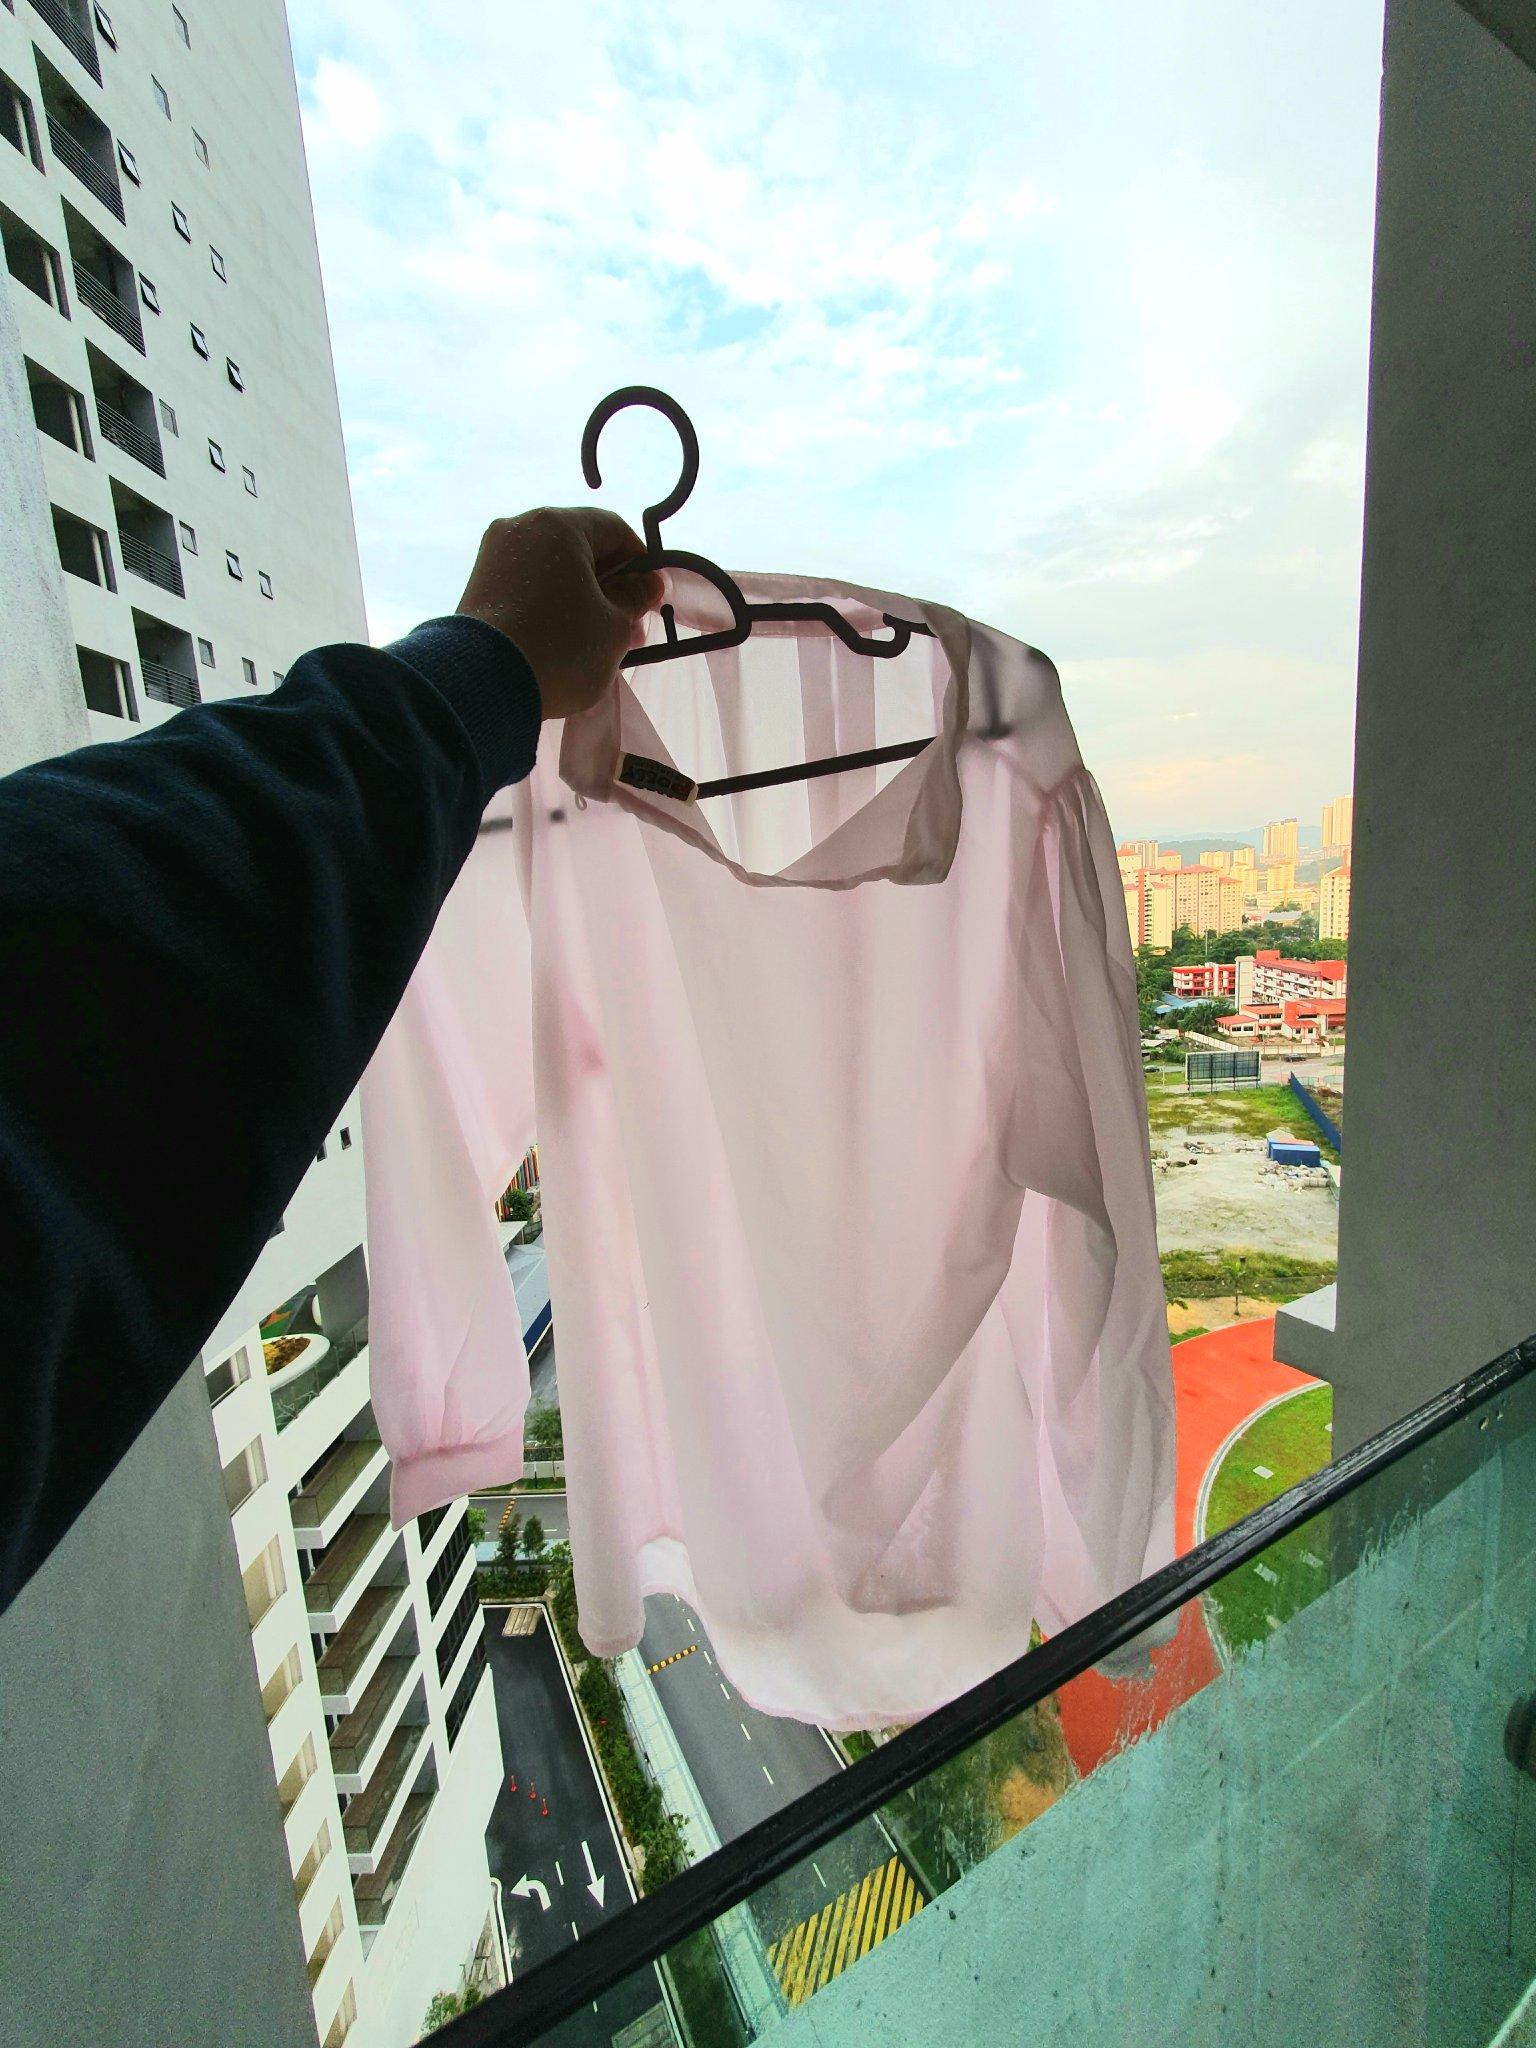 baju putih yang kelunturan